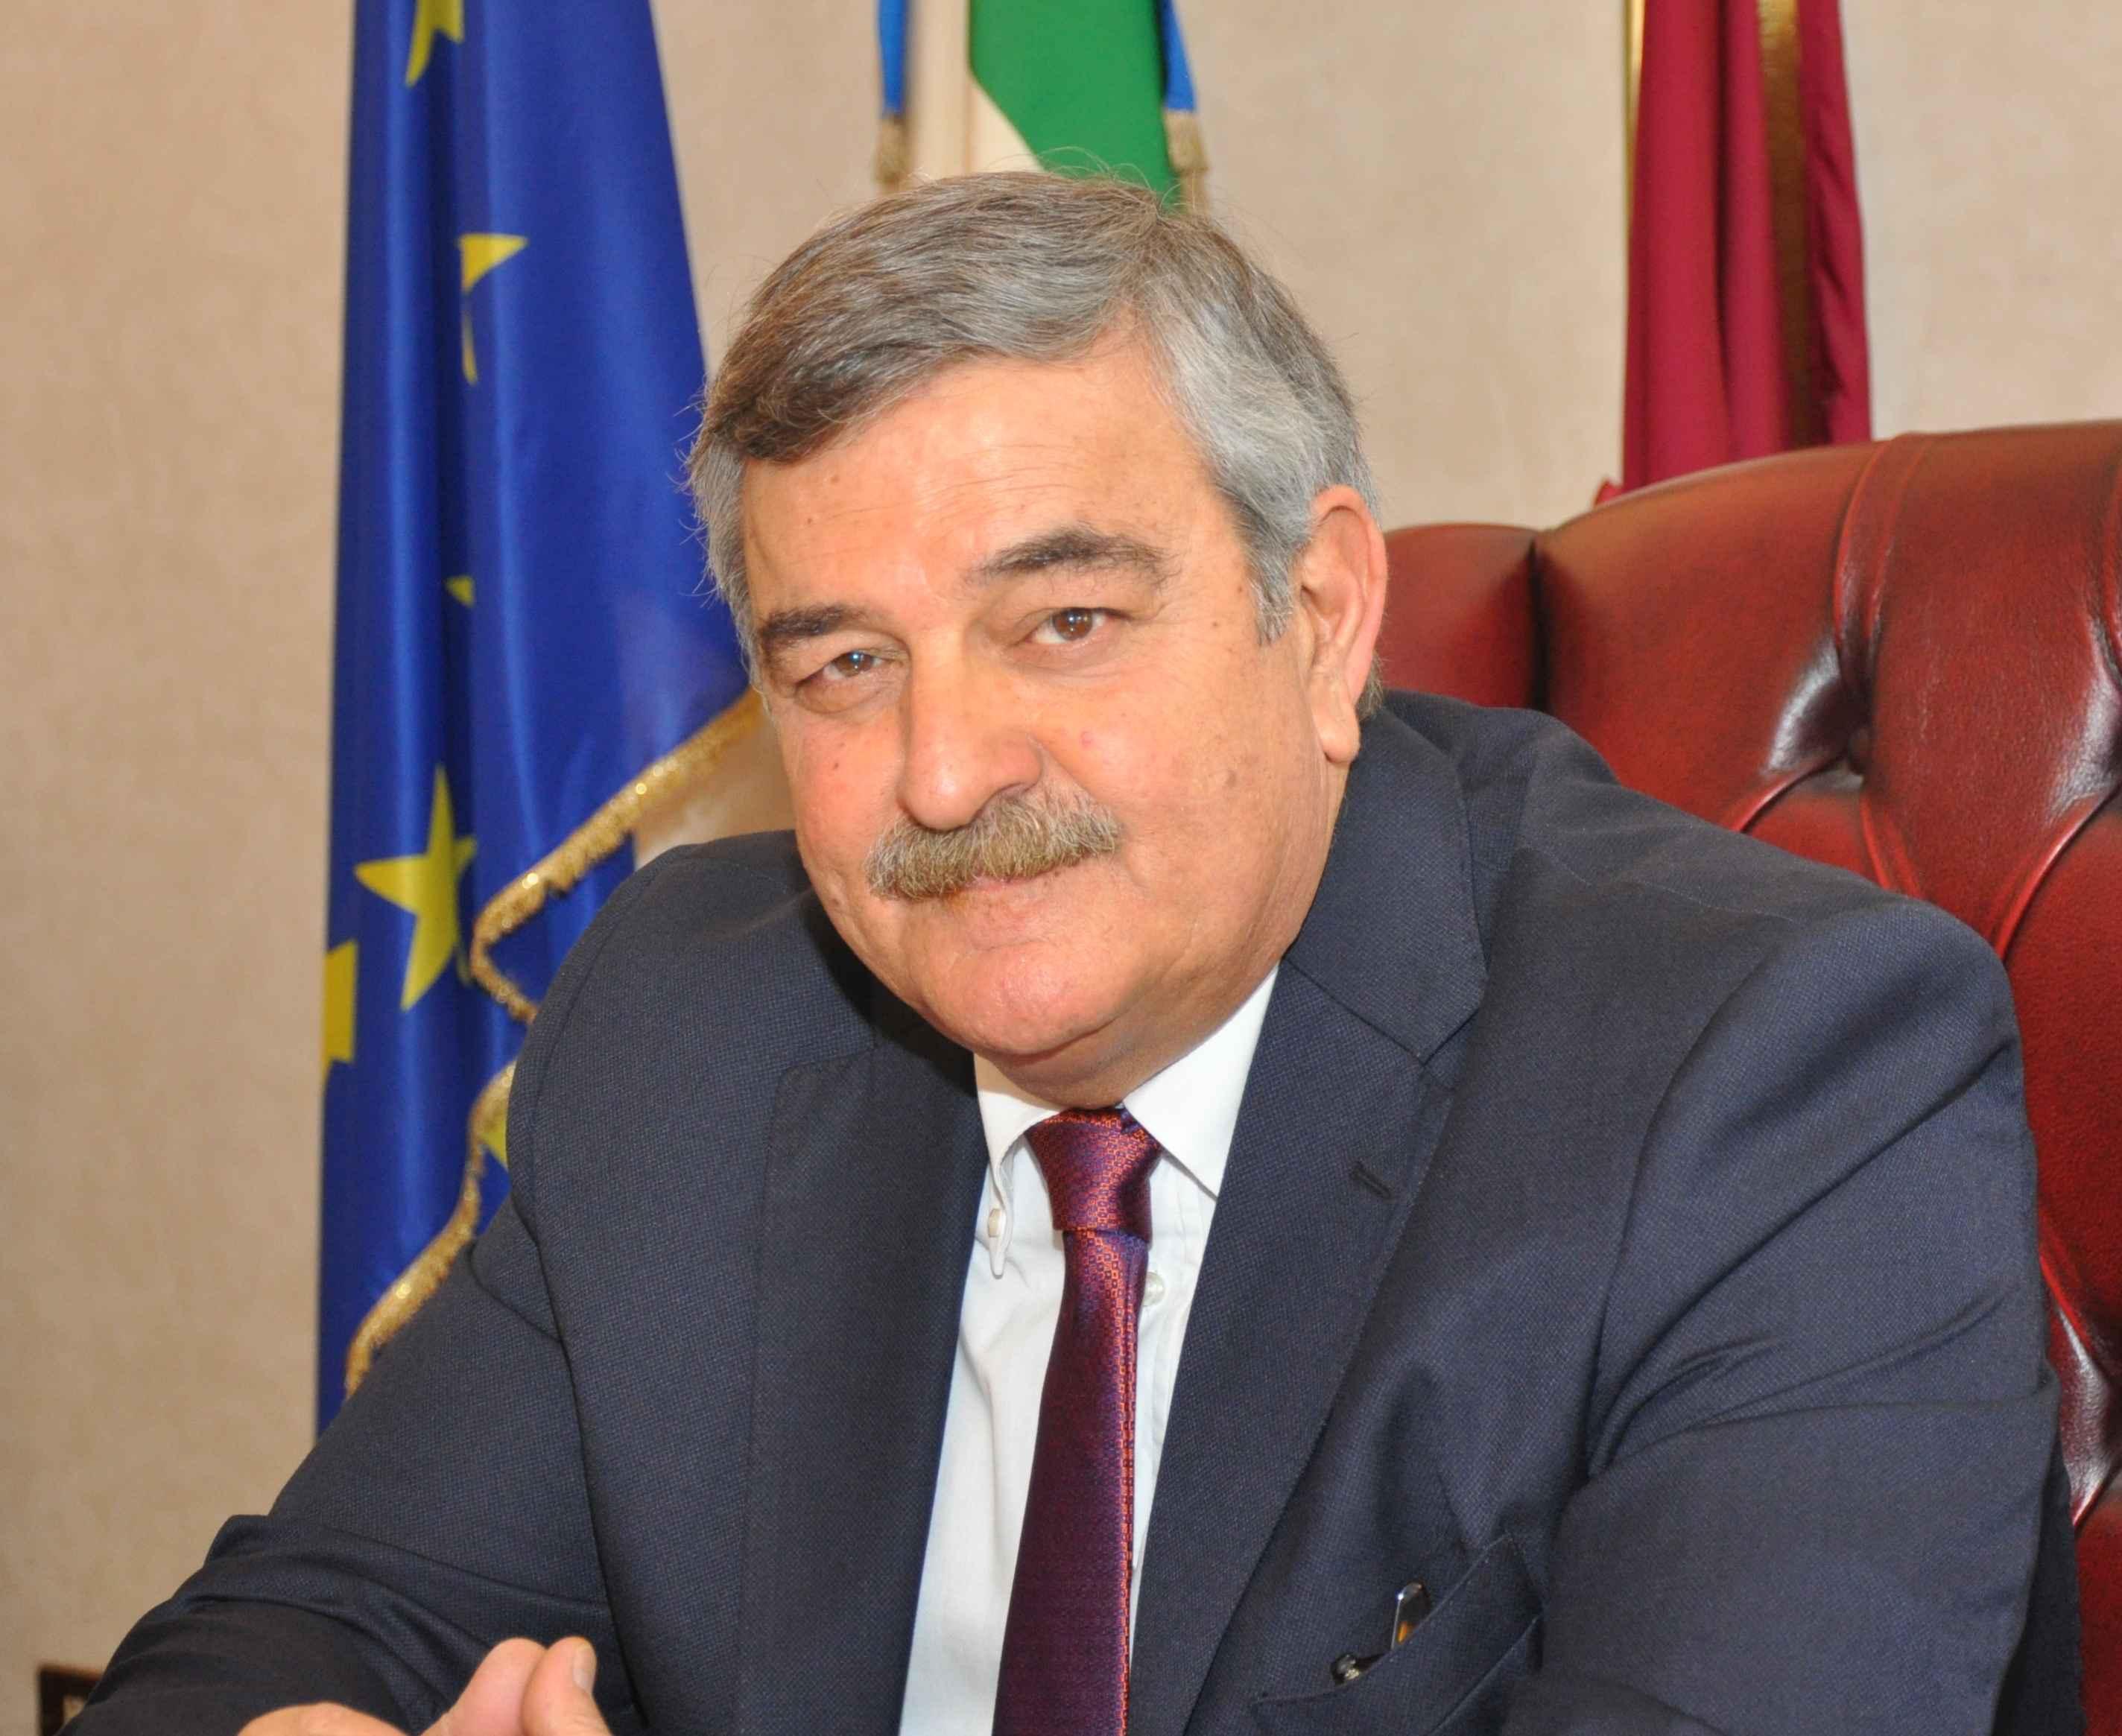 Polizia di stato questure sul web roma for Questura di polizia